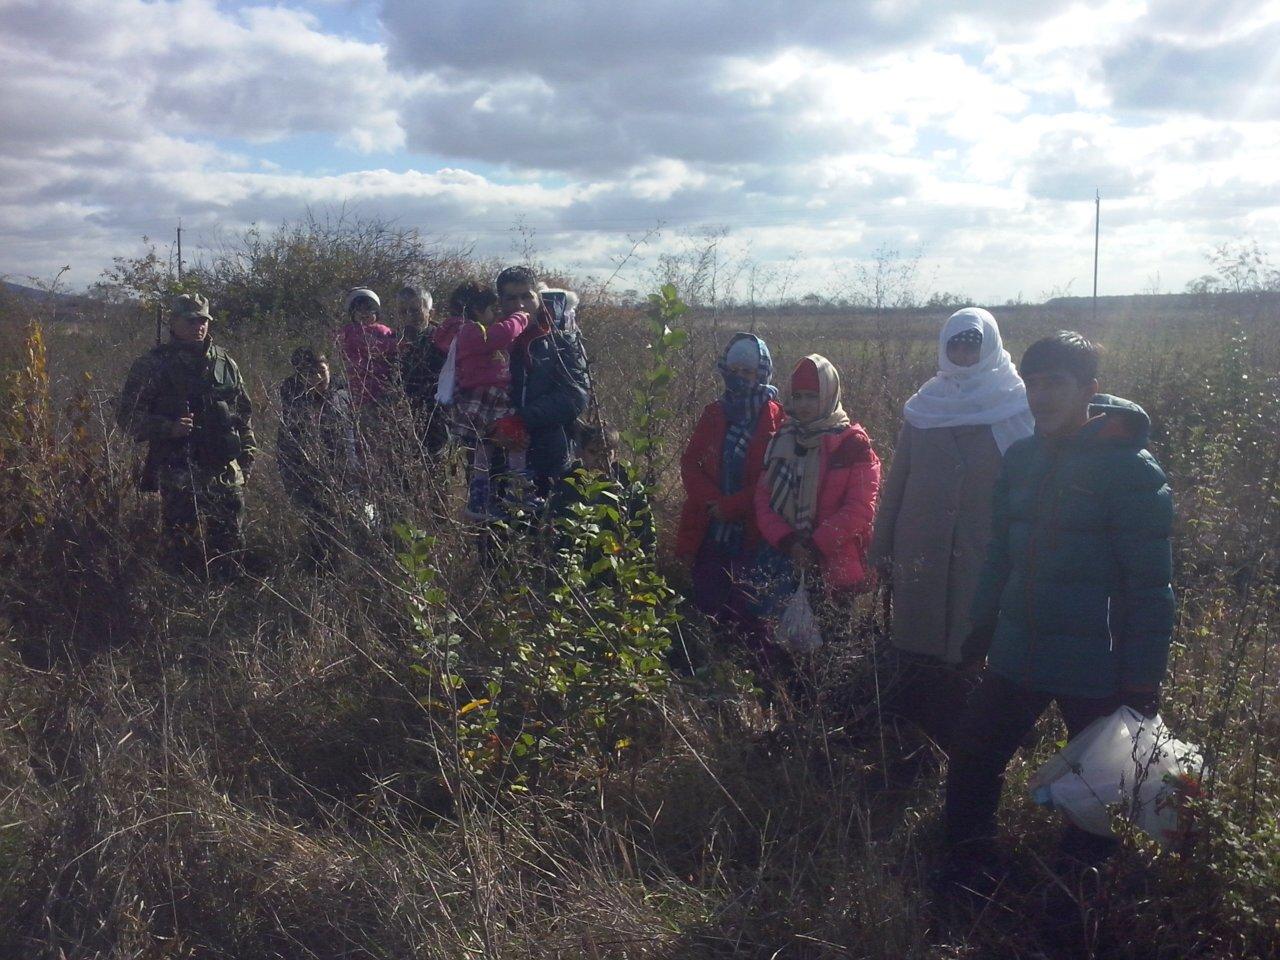 На Закарпатті прикордонники зупинили 11 вихідців з Афганістану, семеро з яких – діти